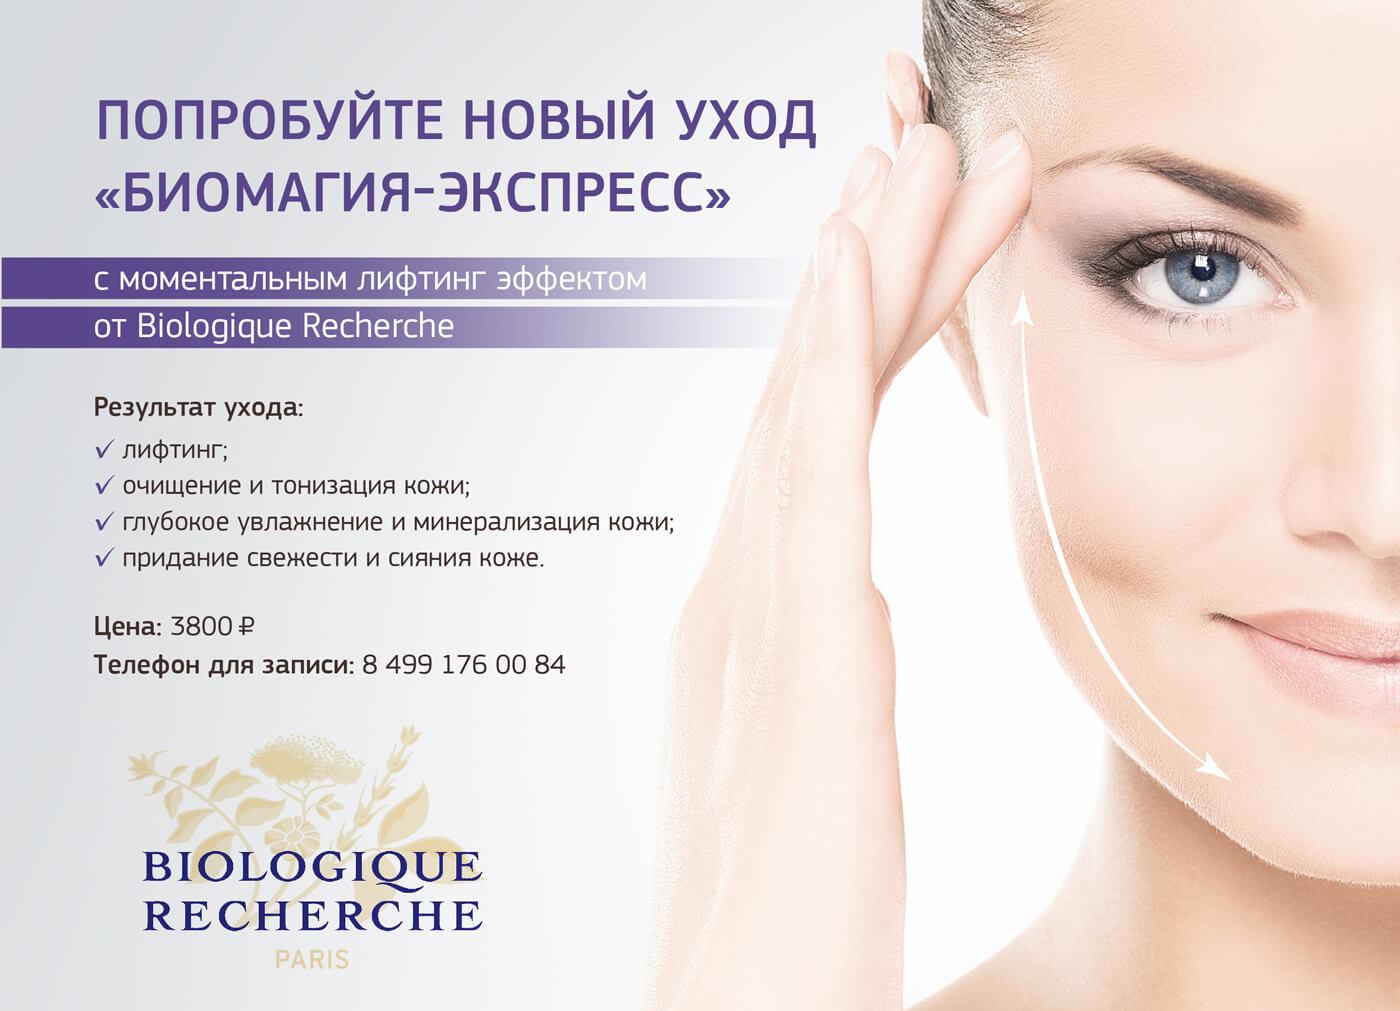 Акции в салоне красоты: biologique recherche (биолоджик решерш) акция, Французская профессиональная косметика класса люкс